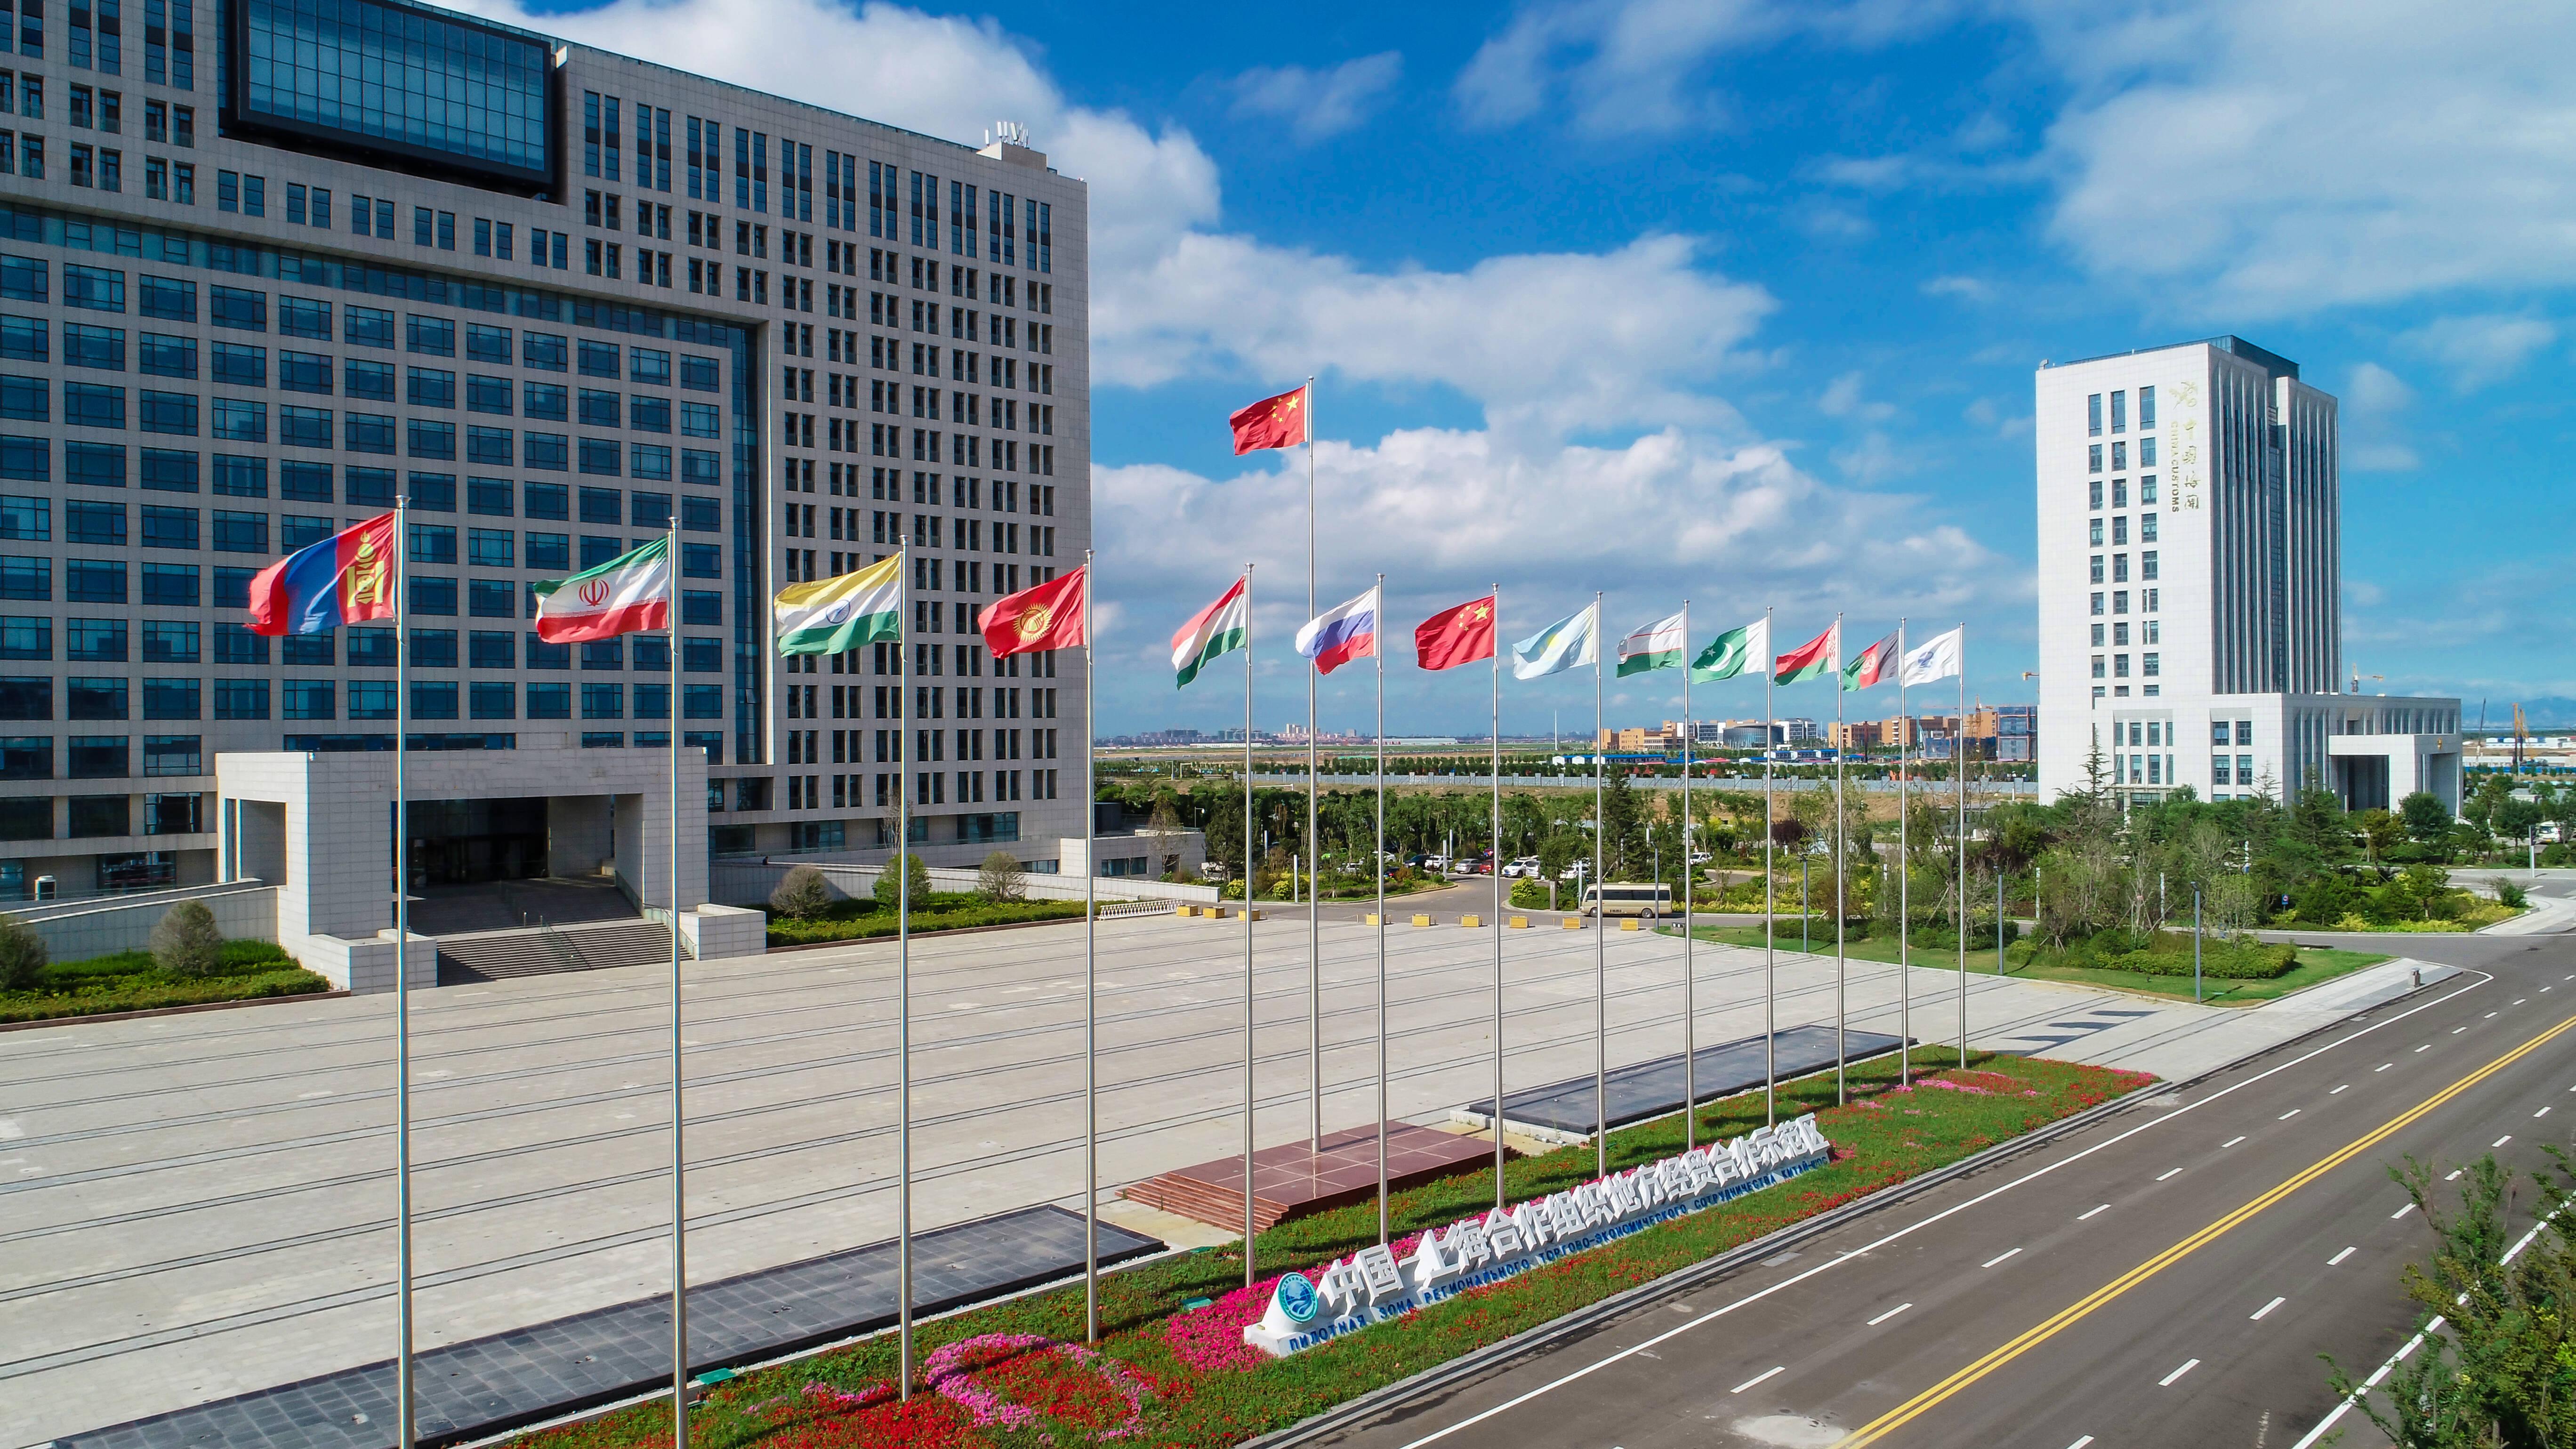 28国使节600多家企业齐聚 2020上合组织国际投资贸易博览会将于16至18日在青岛举行